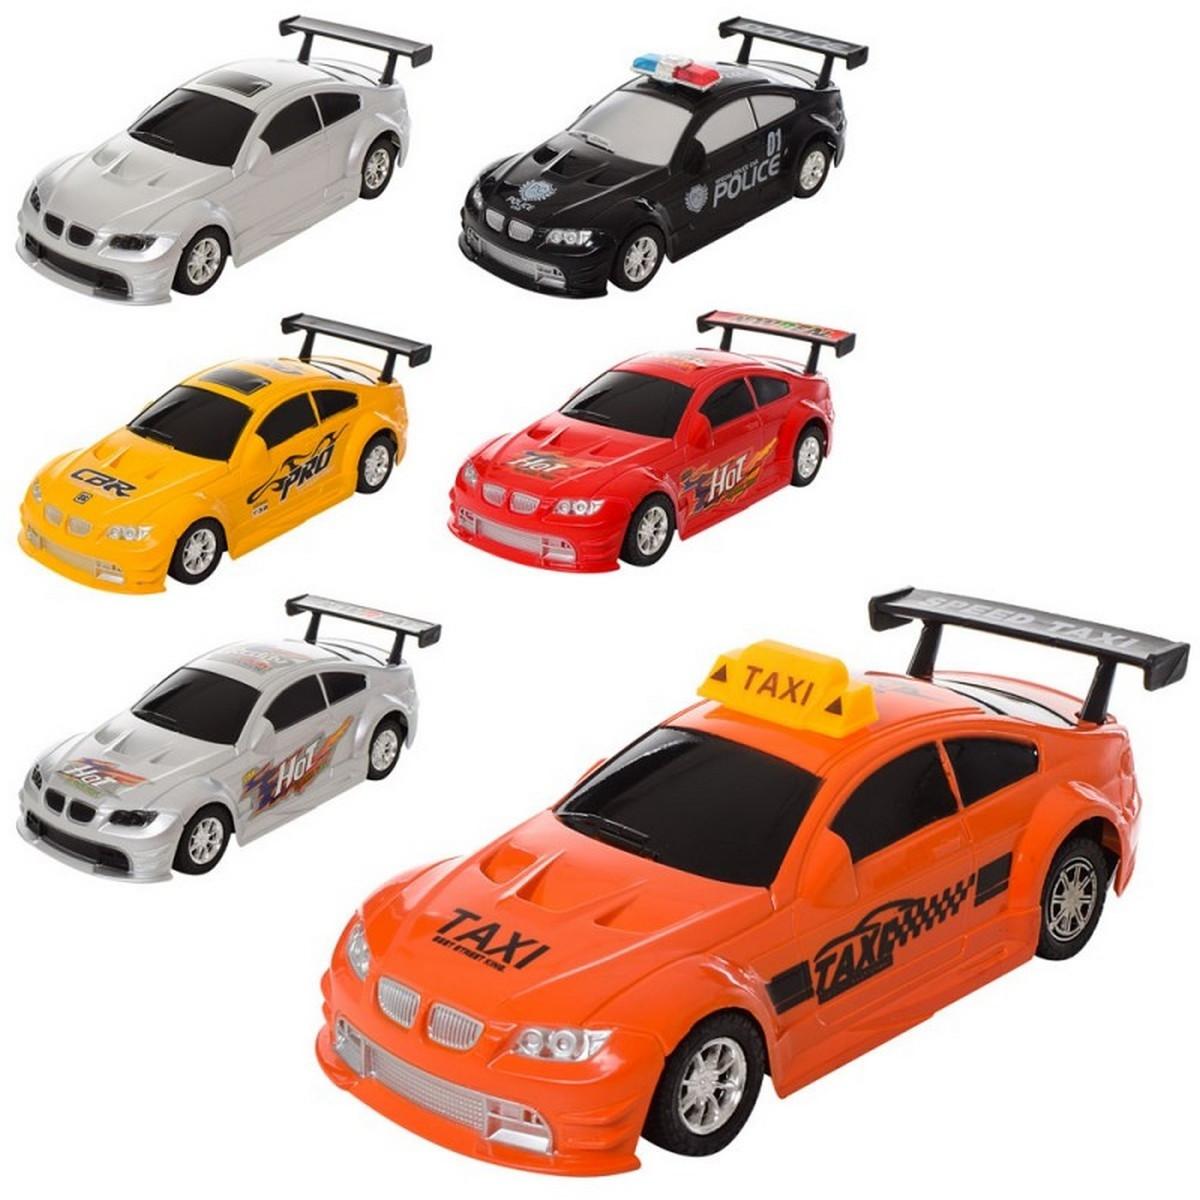 Машинка 801-2-3-4-5 інерційна, 5 видів (1вид-поліція), в кульку, 18-8-5,5 см